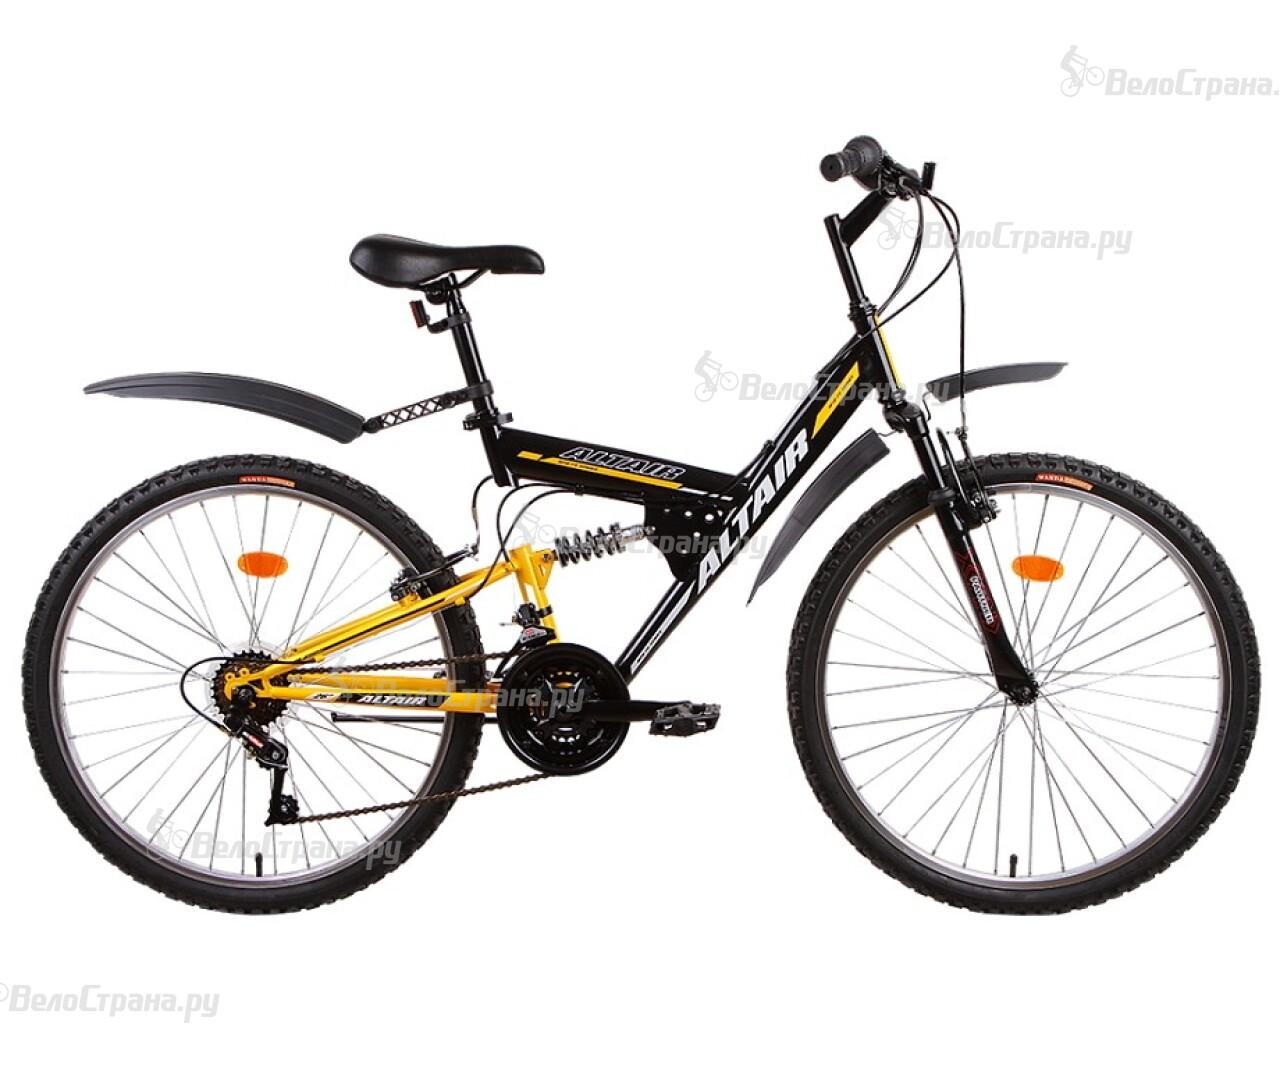 Велосипед Forward Altair MTB FS 26 (2015) велосипед challenger mission lux fs 26 черно красный 16